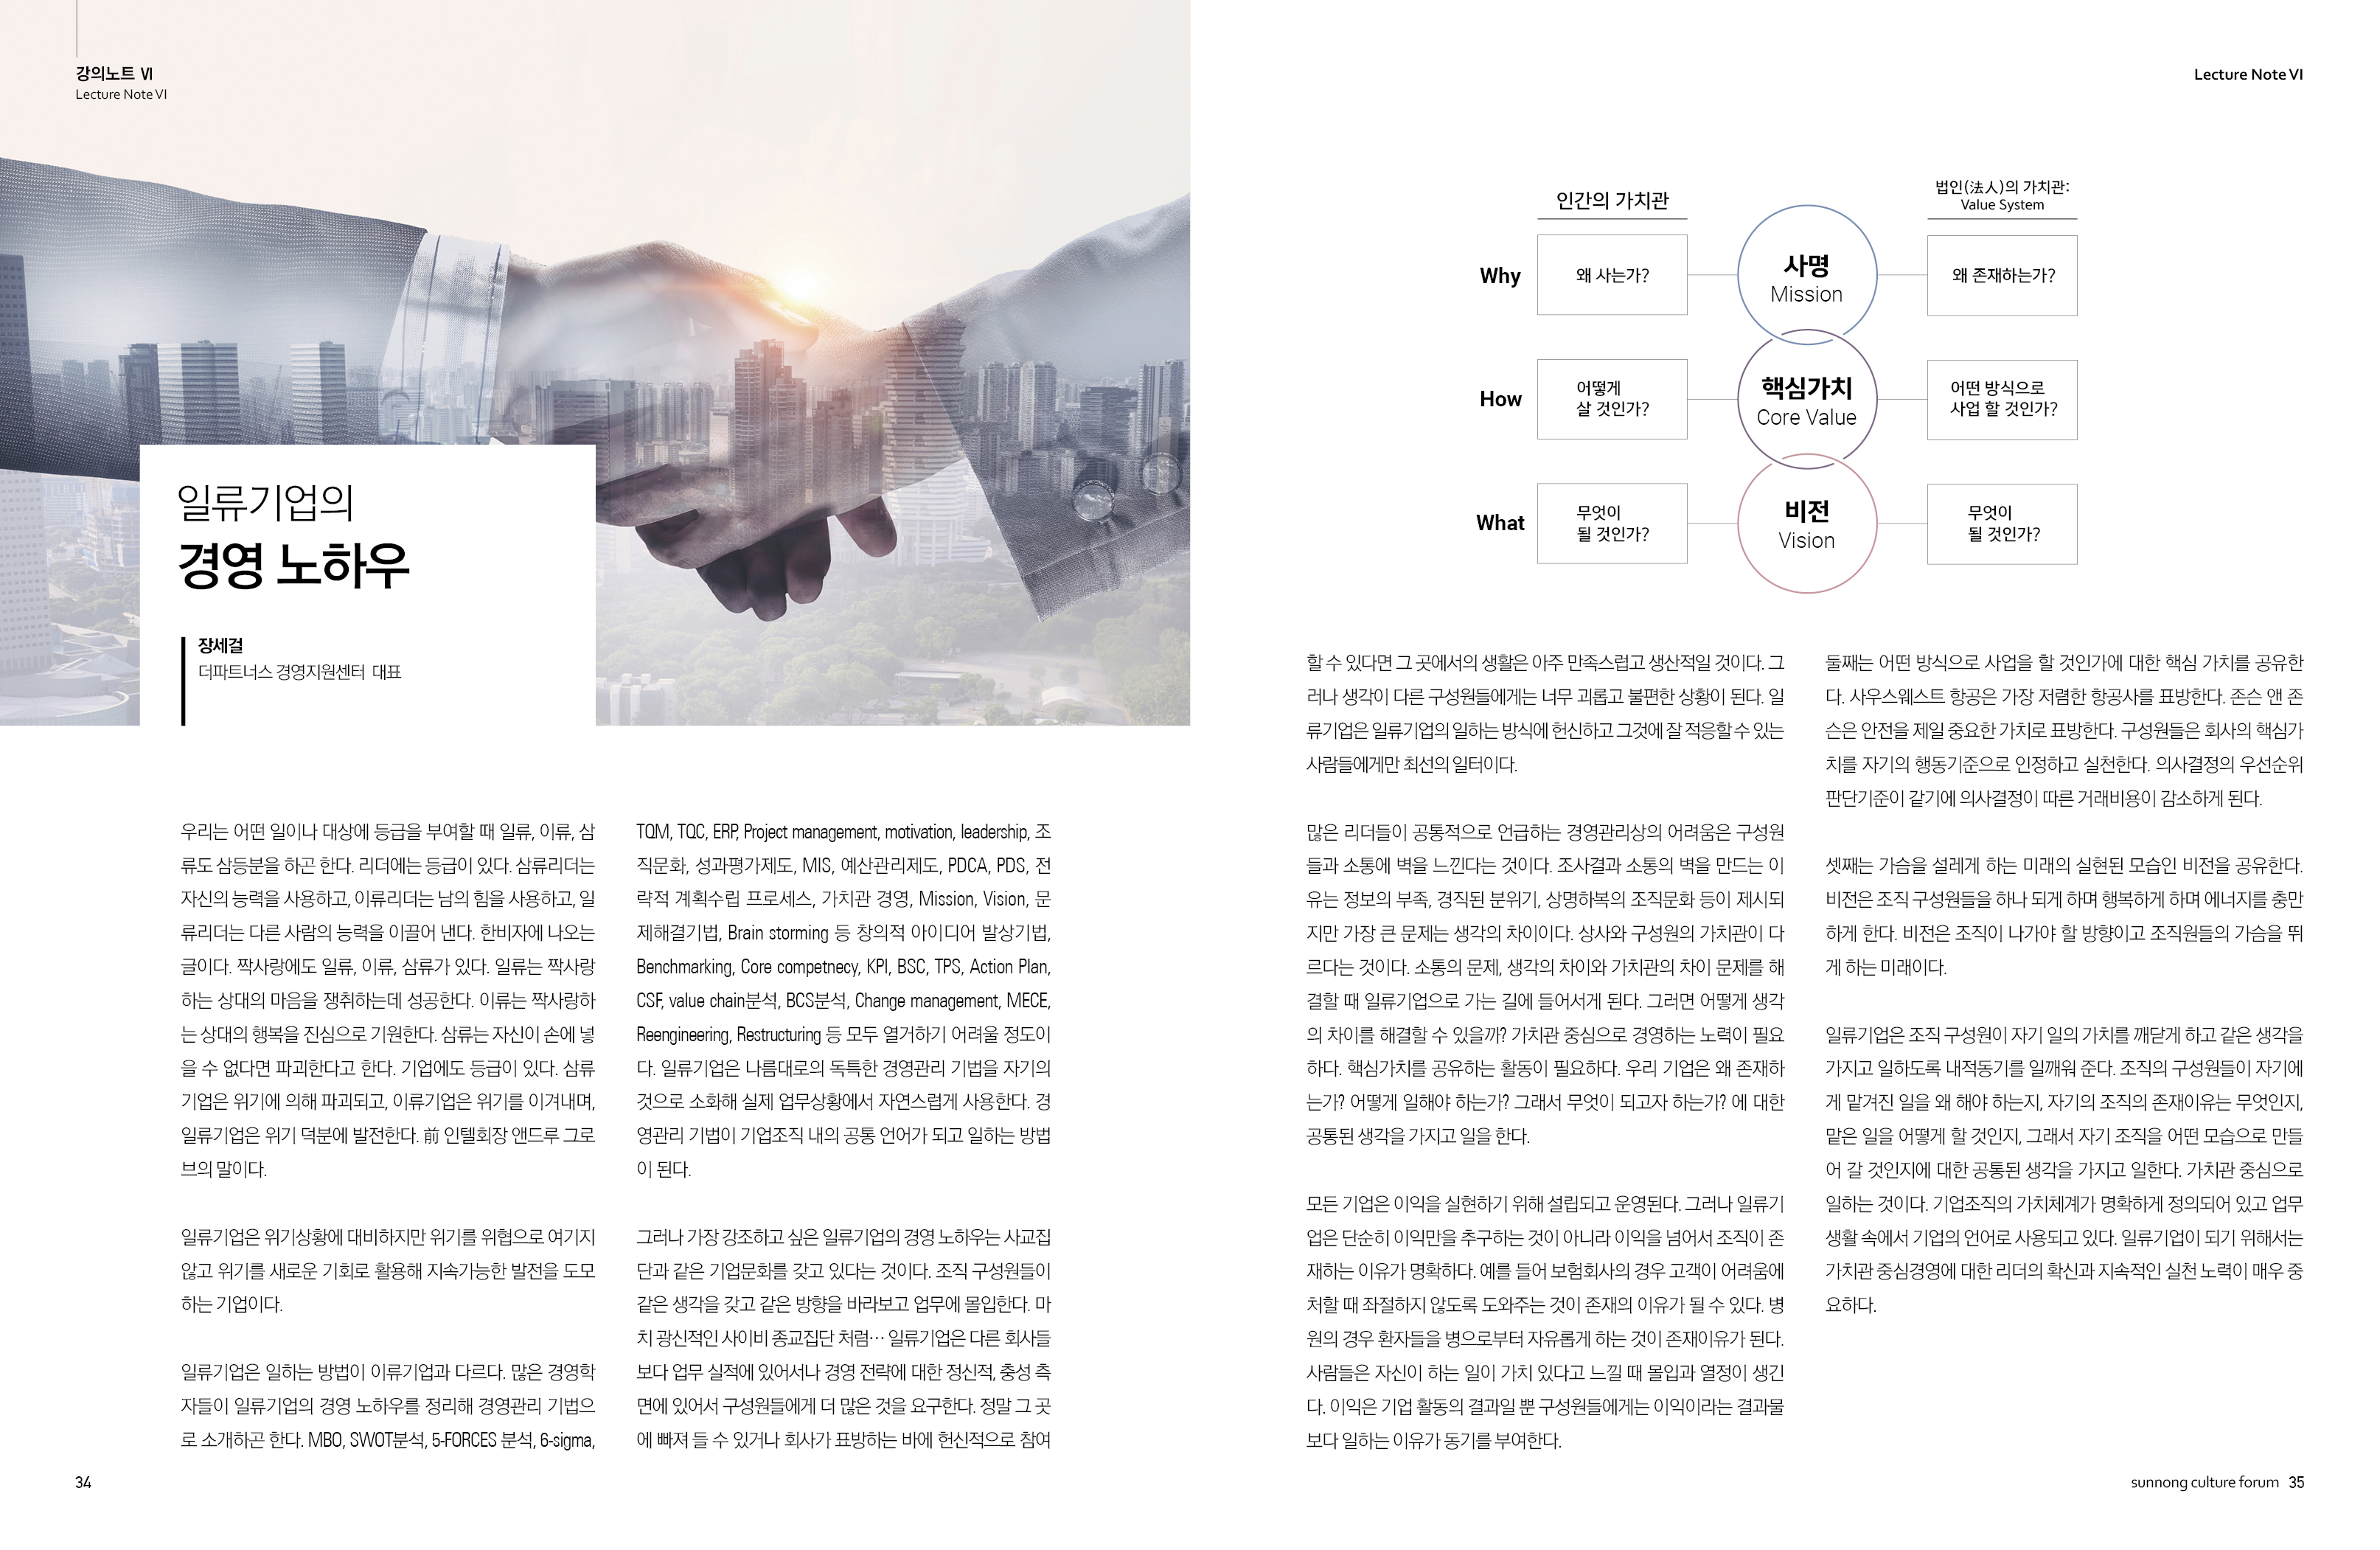 장세걸_강의노트.jpg